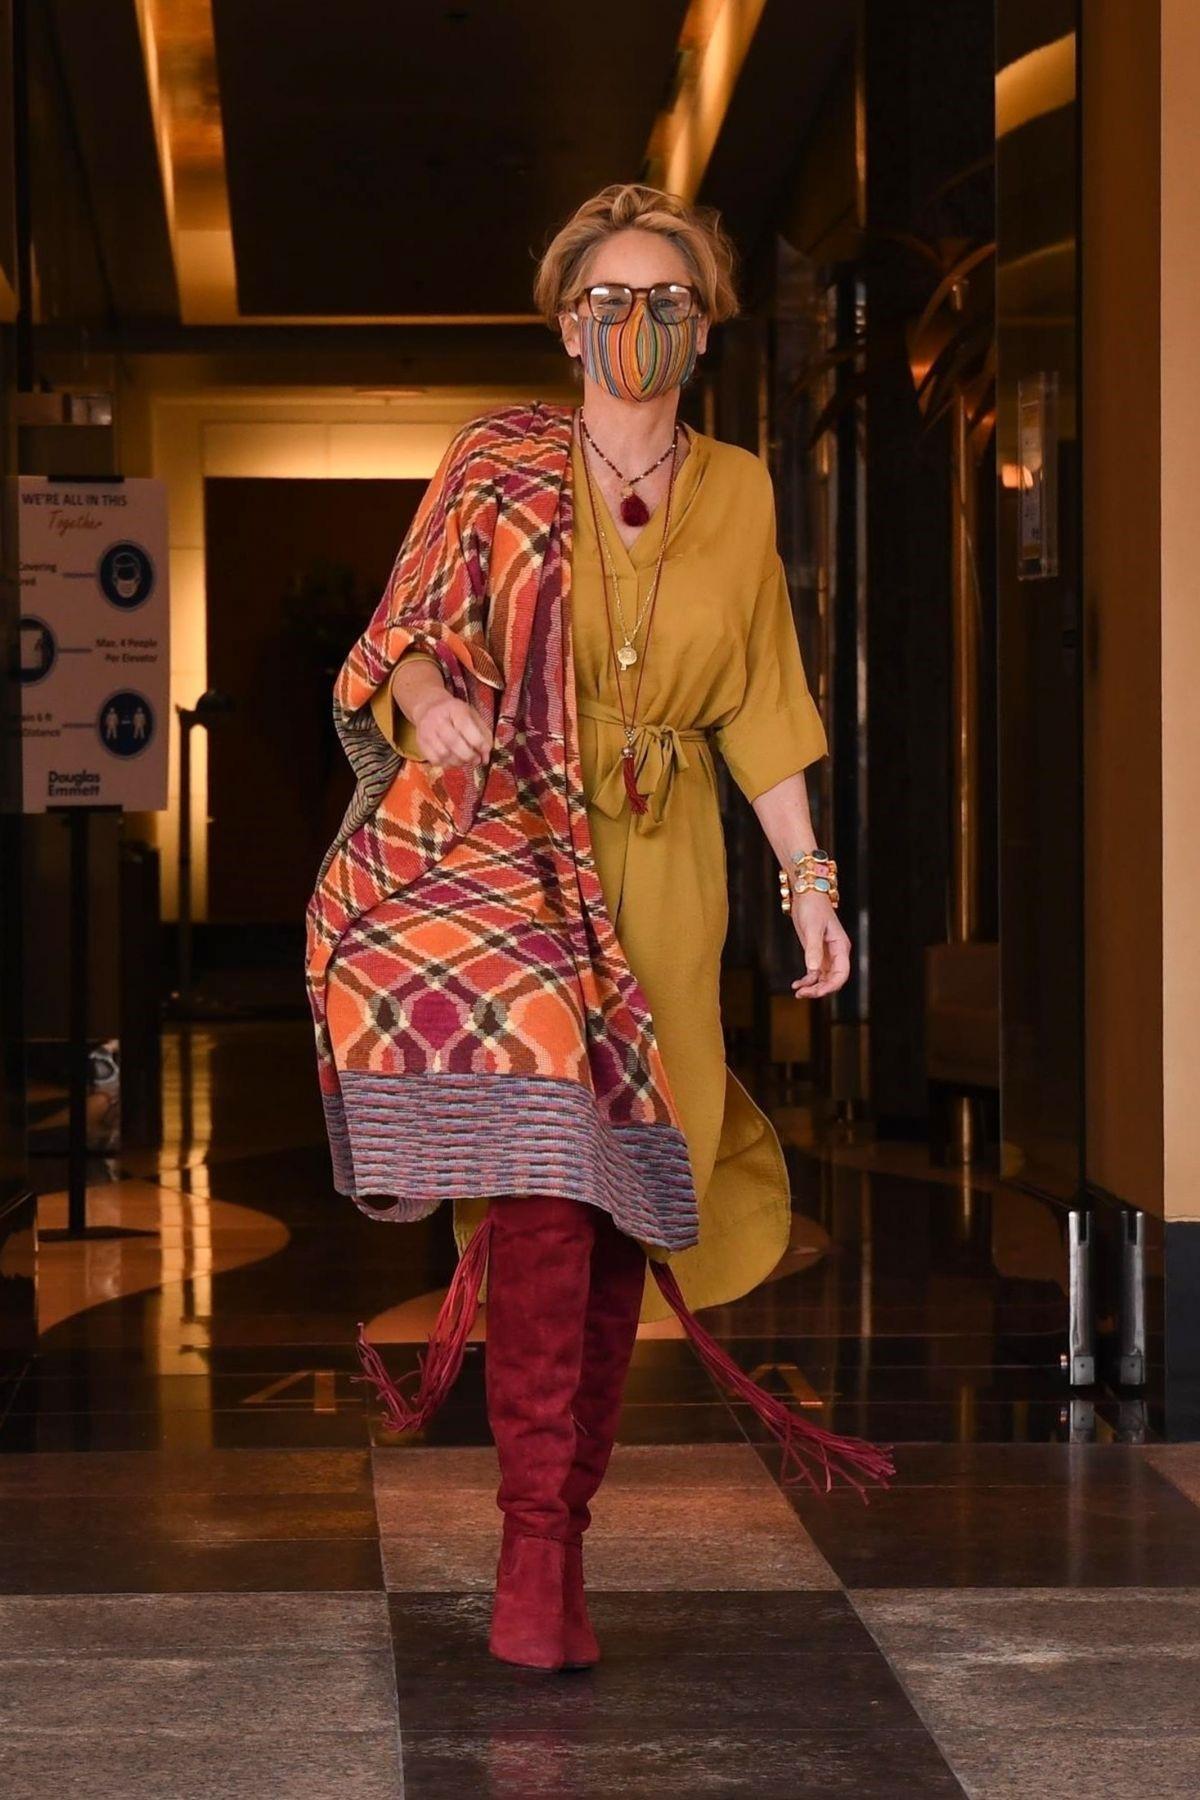 62-летняя Шэрон Стоун поразила поклонников потрясающим уличным образом и точёной фигурой